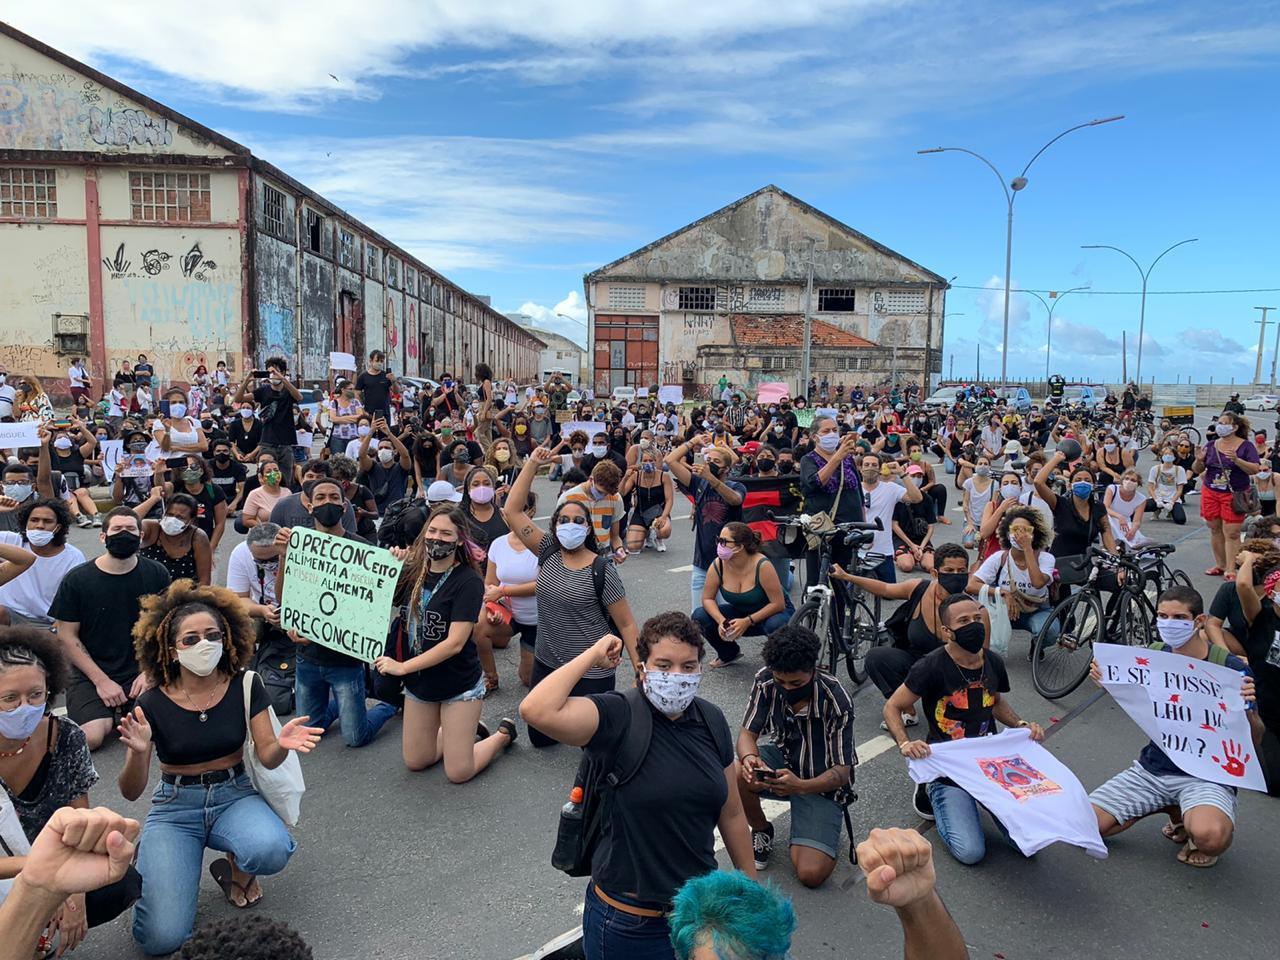 Caso Miguel: Manifestantes vão as ruas pedir justiça após morte de menino